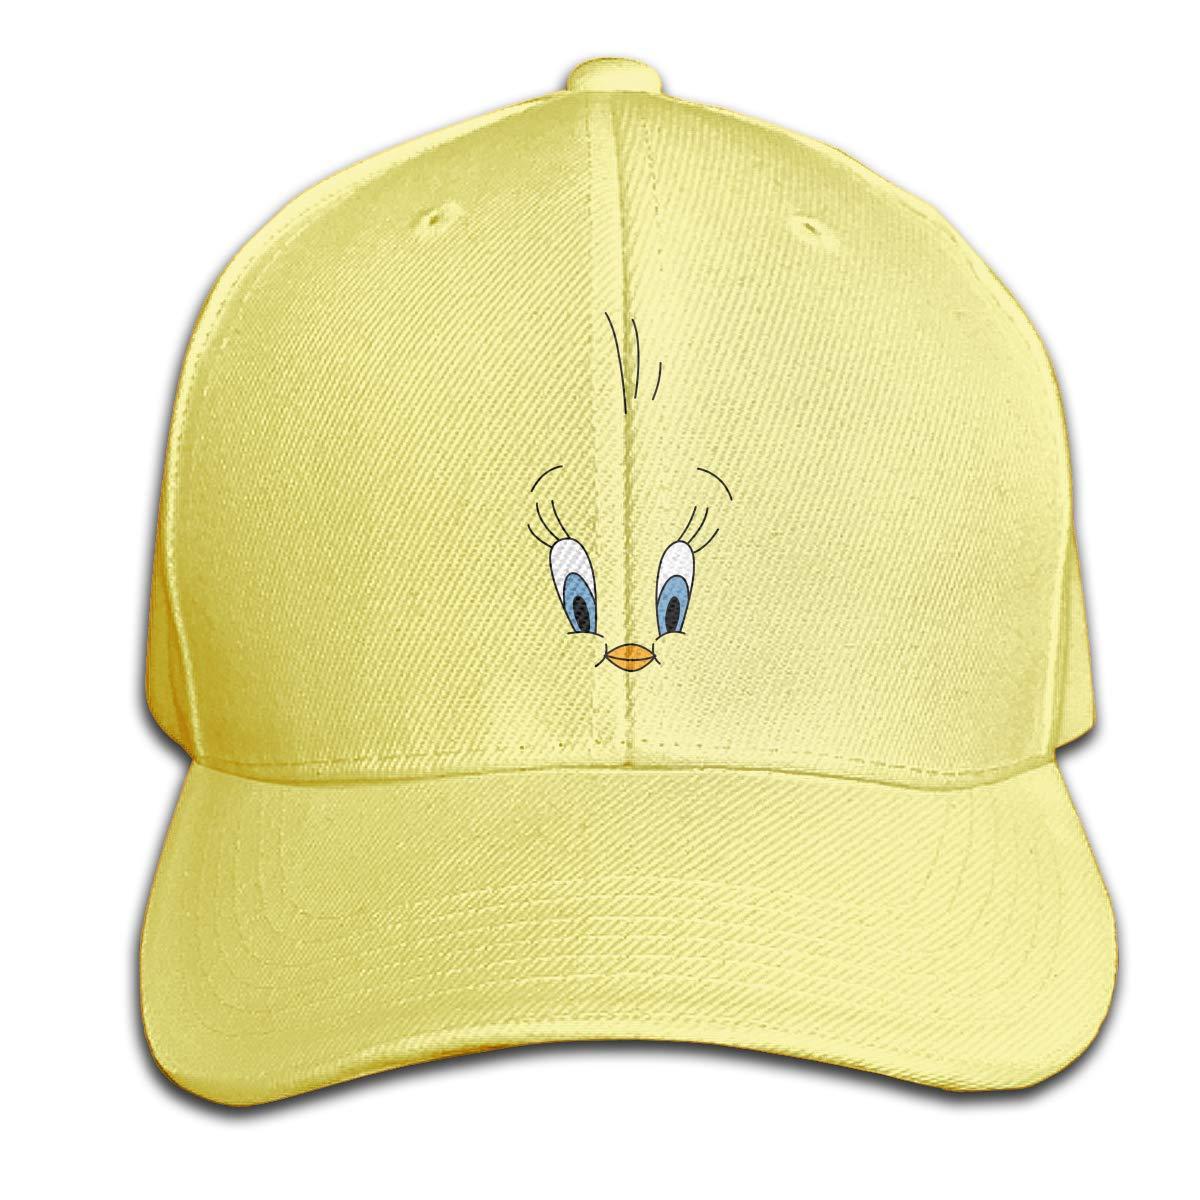 Tweety-Bird Face Cappellino con Visiera in Puro Colore Premium Cappello da panino Regolabile Sport Grigio